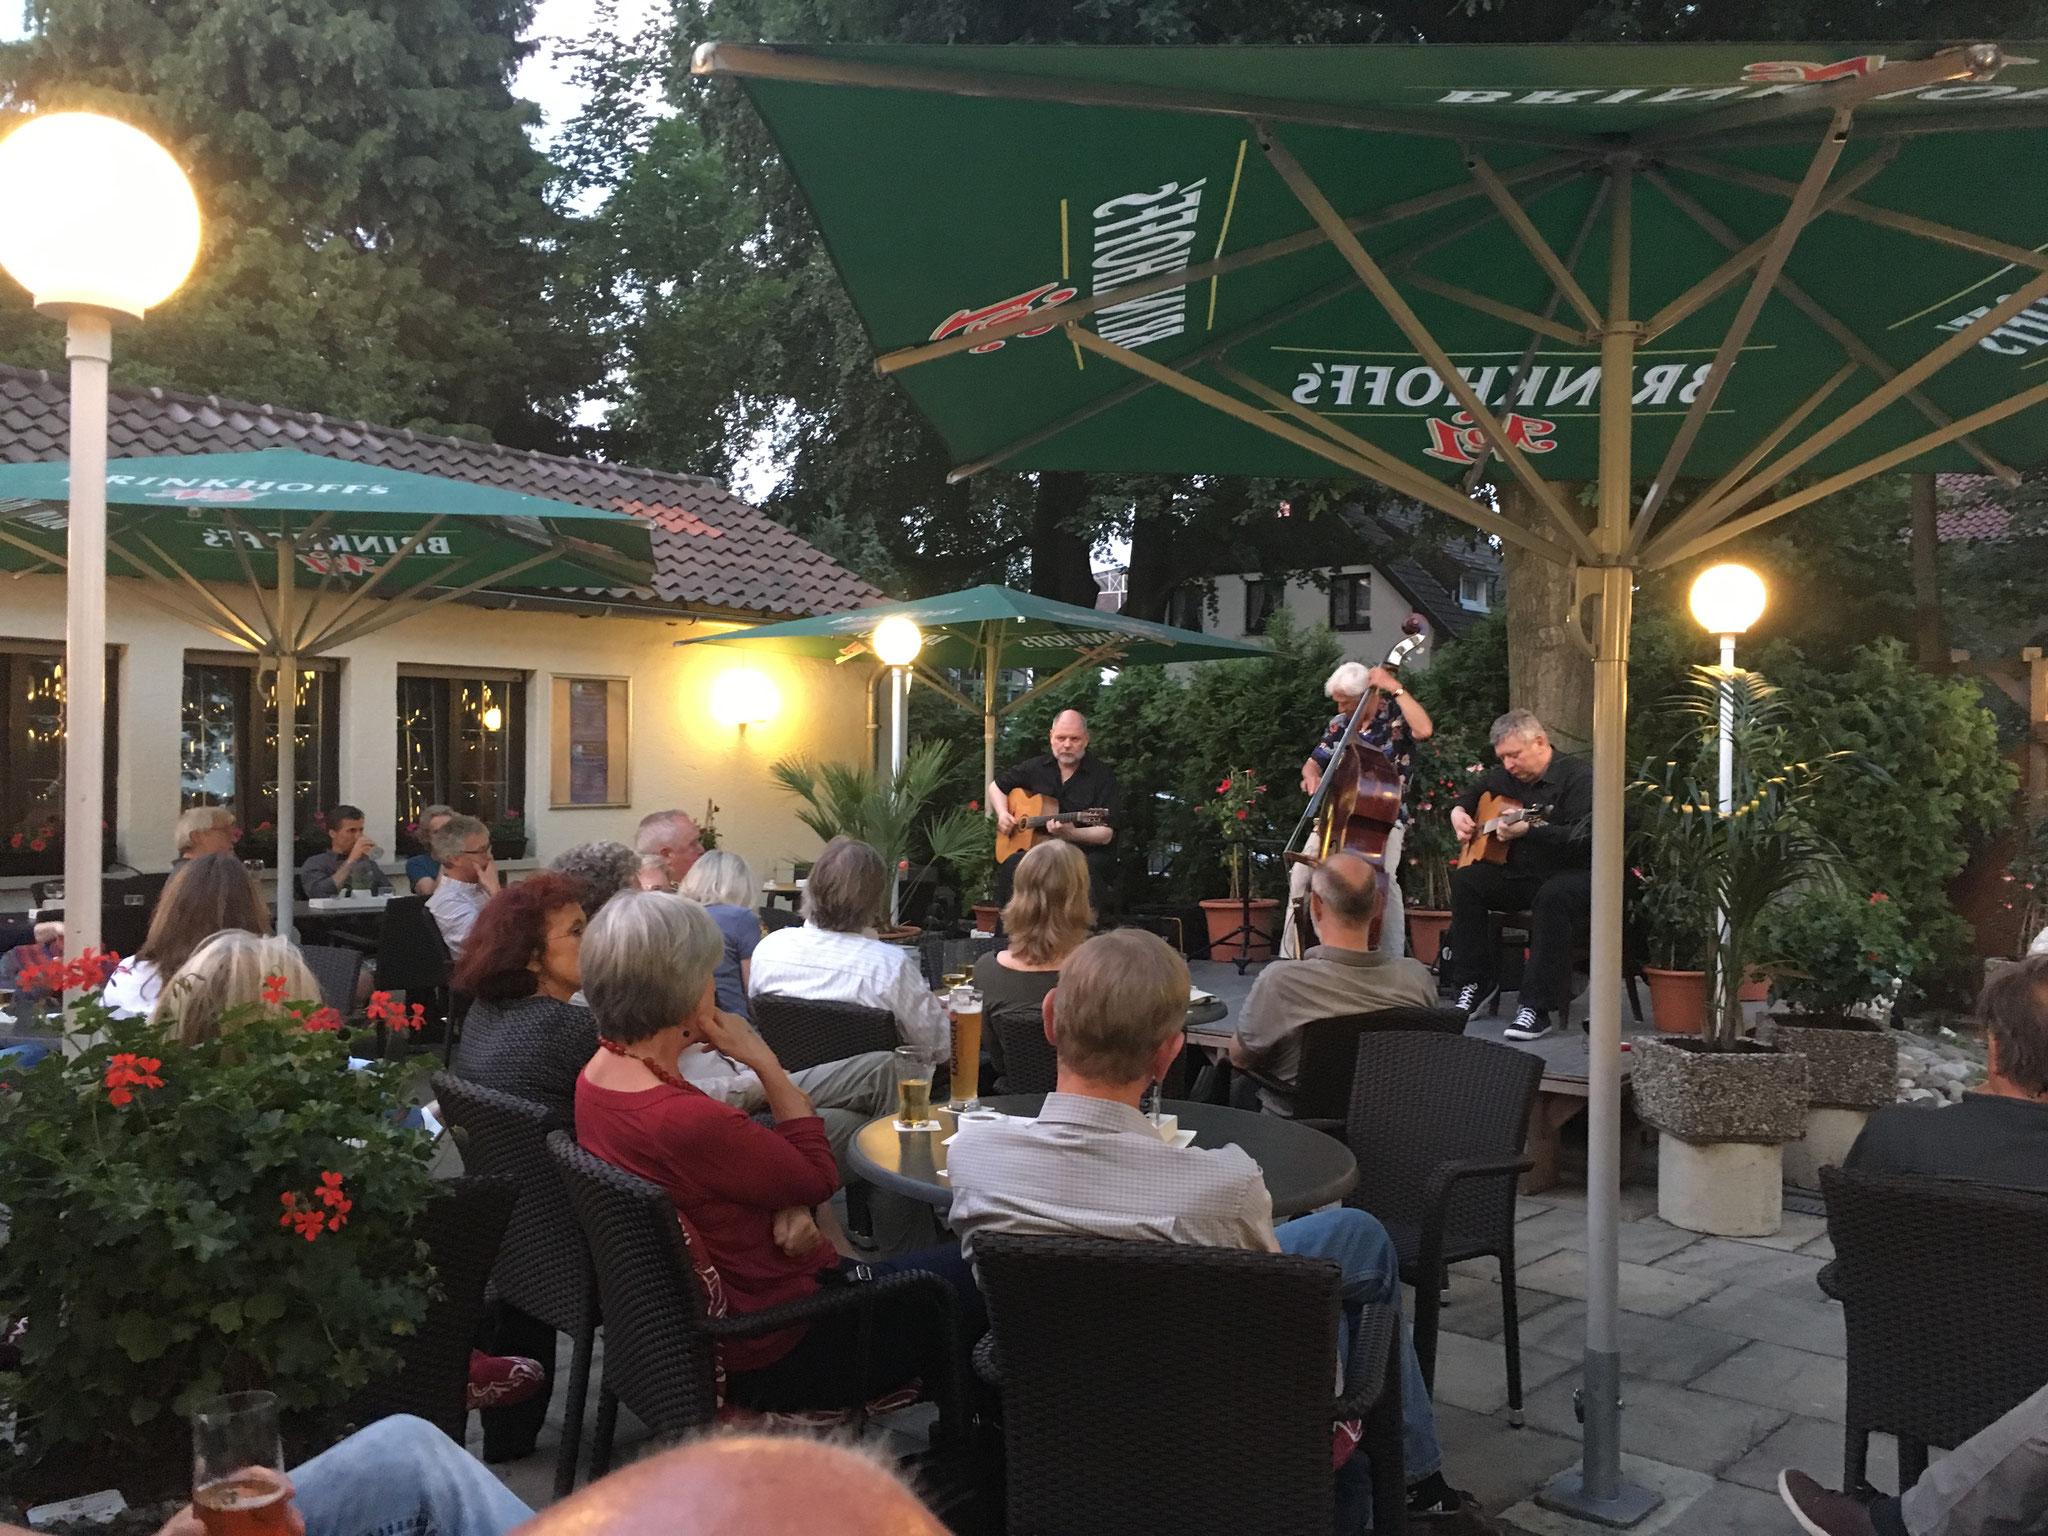 Livemusik-  Stringtett Trio im Biergarten Juni2016